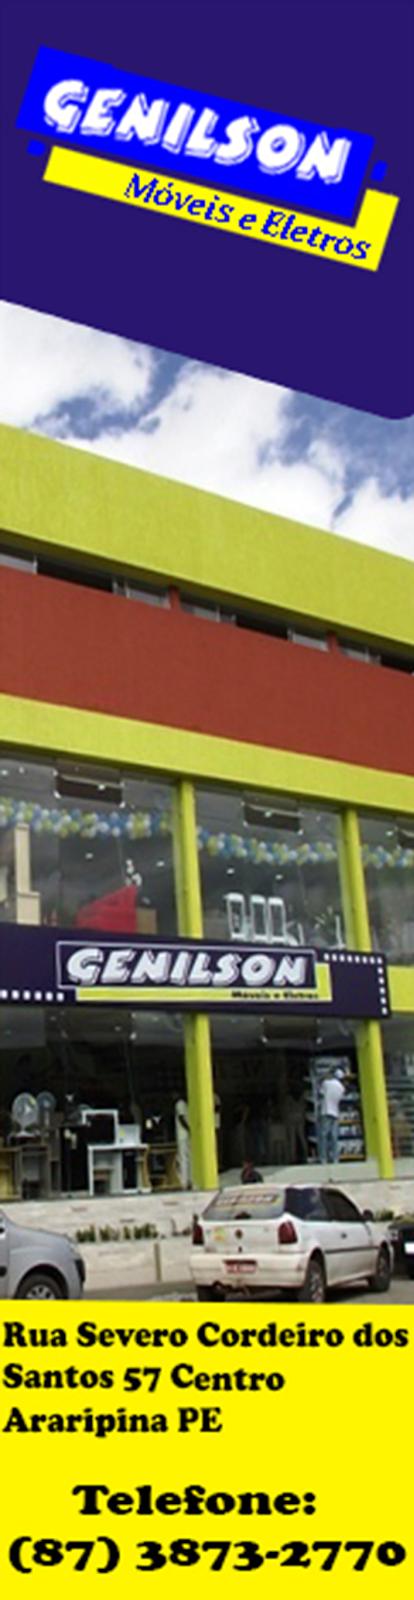 Genilson Móveis e Eletros